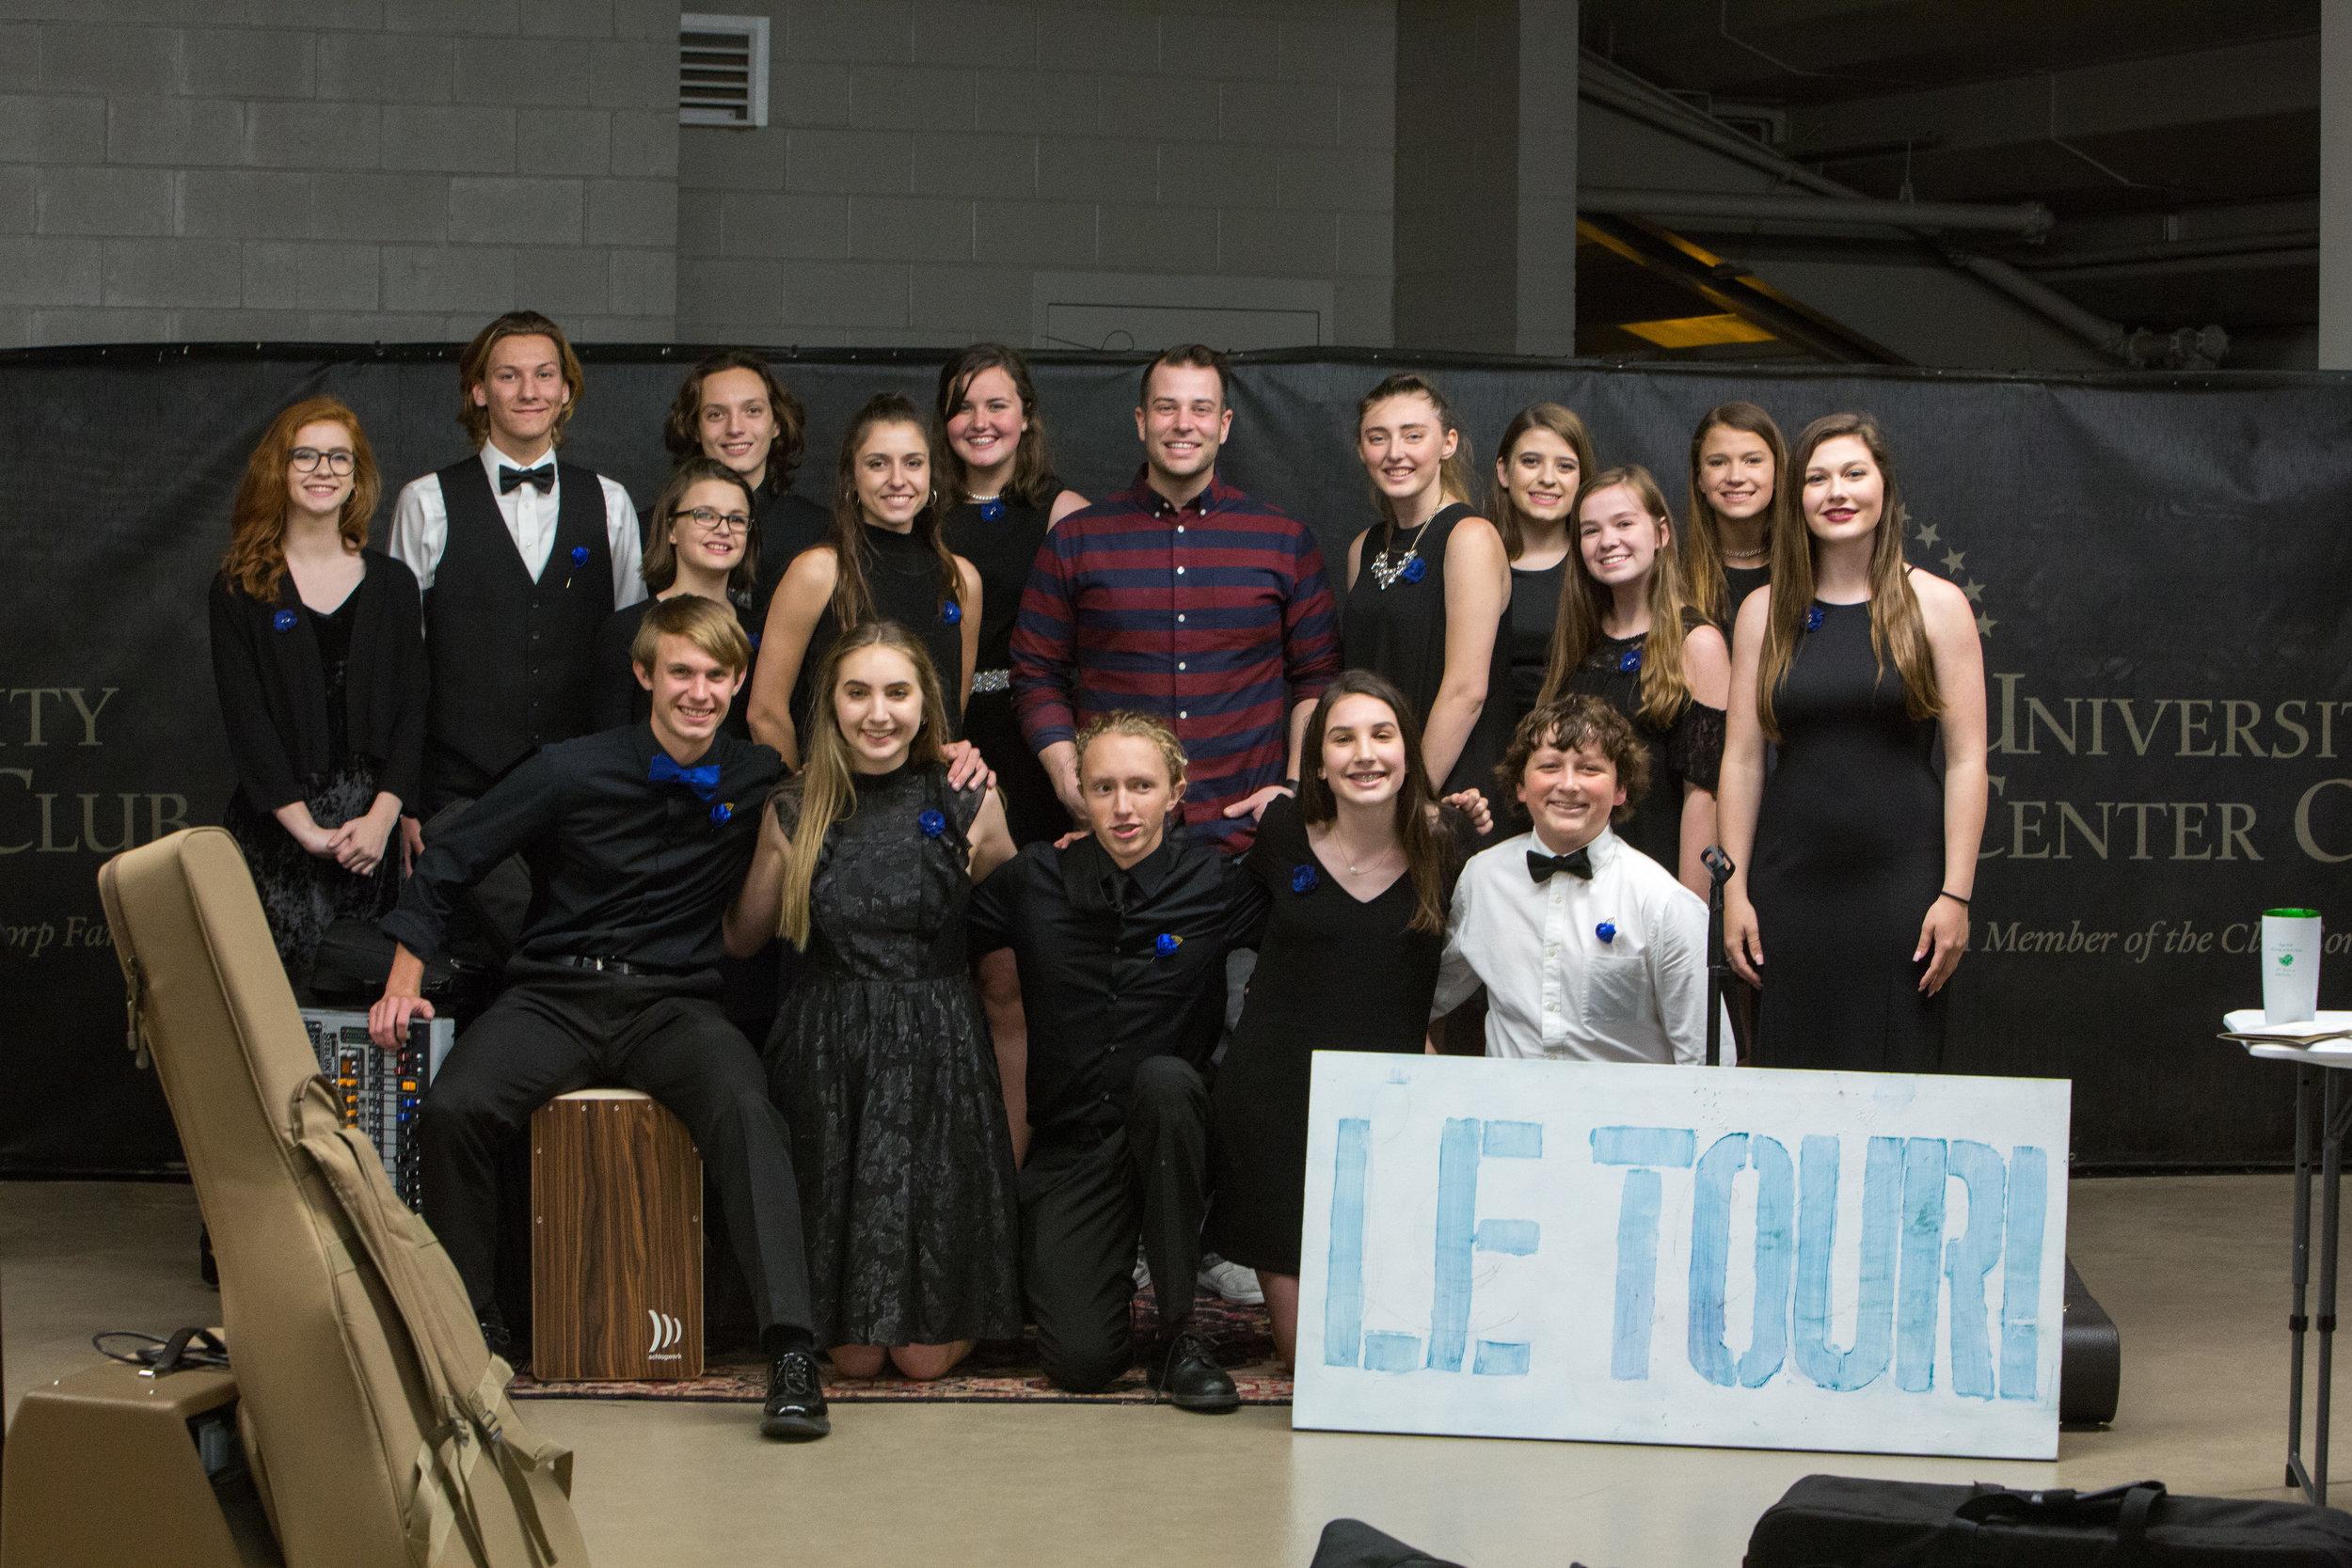 Nashville music artist Jonny Diaz pals around with CCS student arts group LeTour!